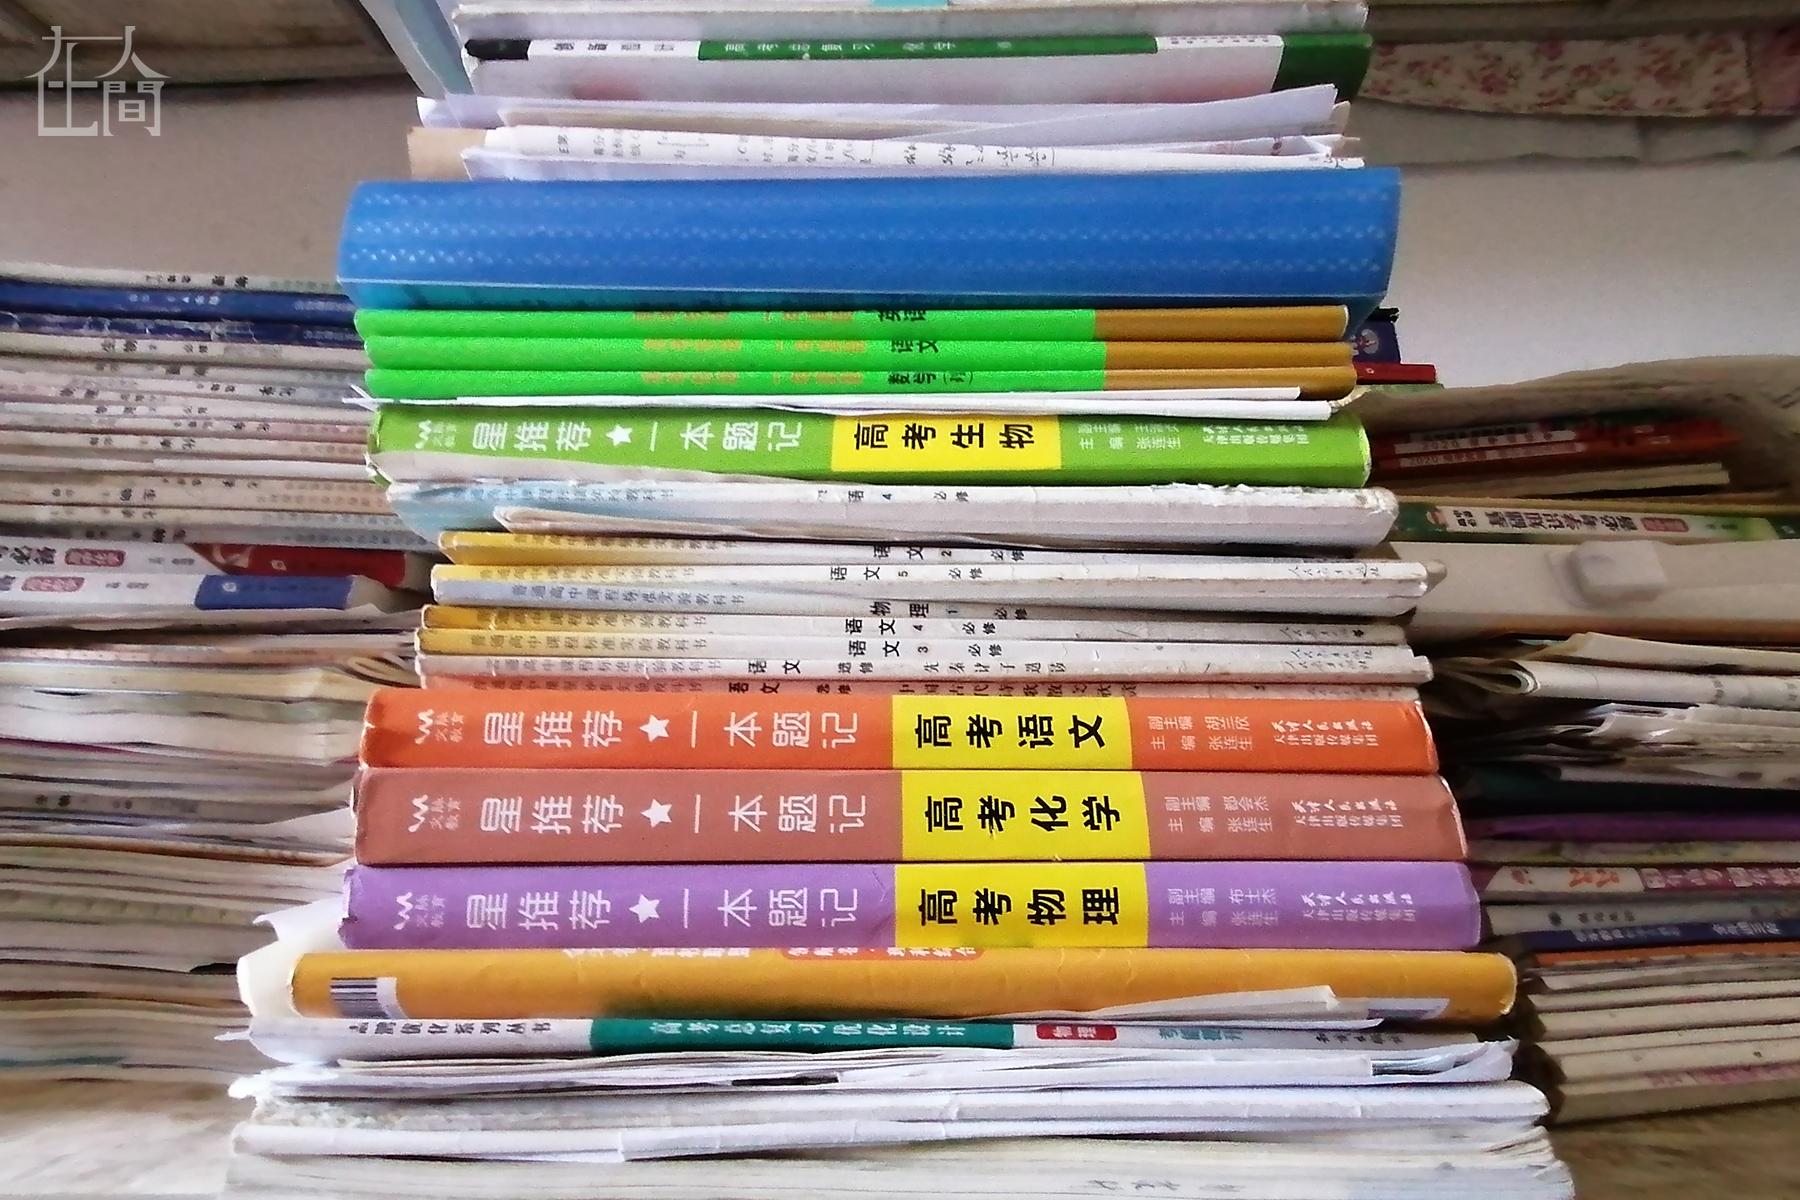 在人间| 农村学生通往高考之路:小学8个同学,只有2个上了高中